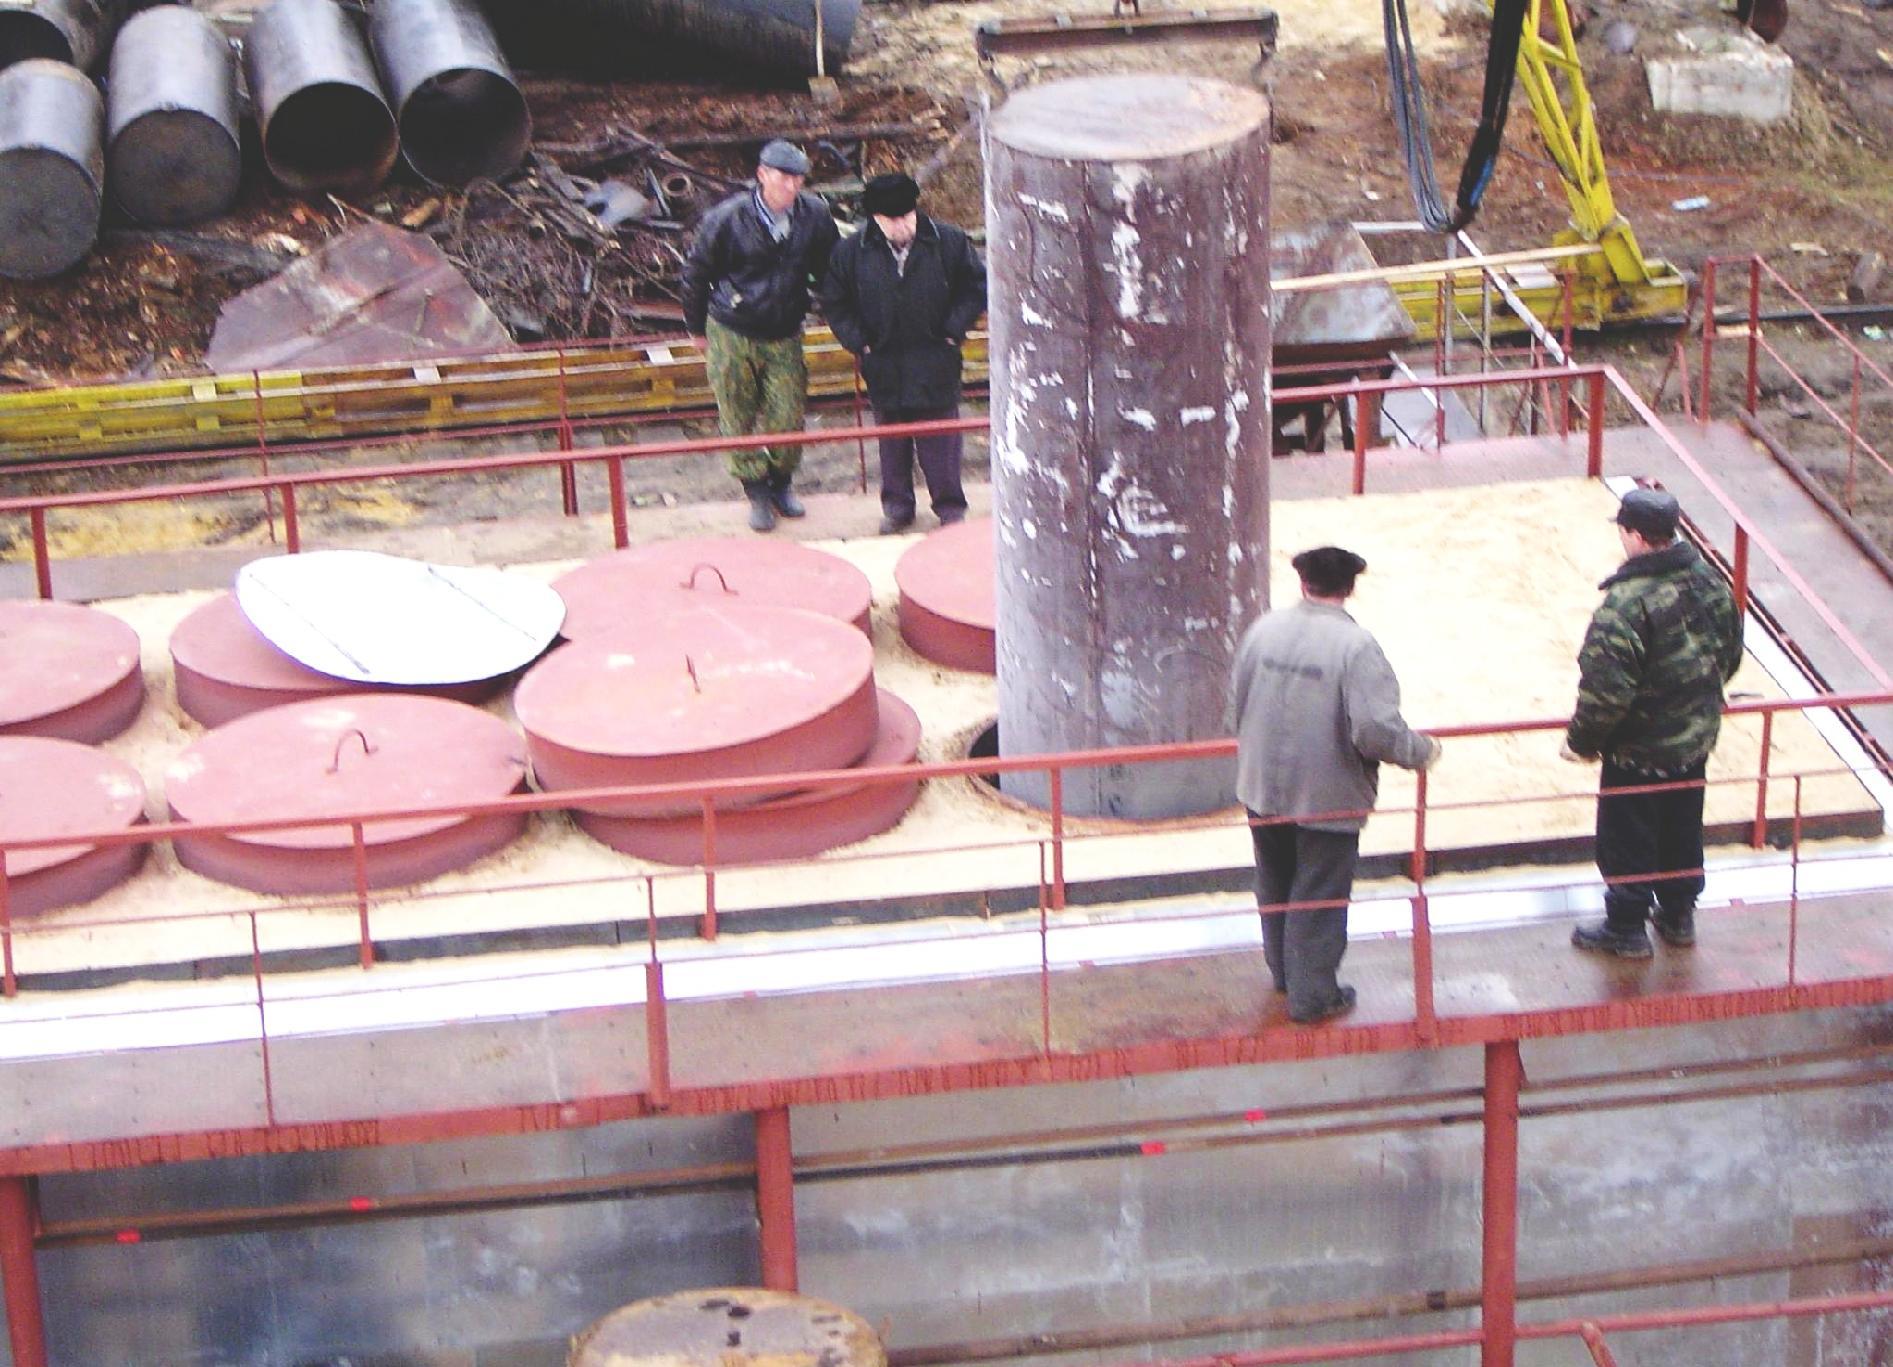 http://bioenergy-spb.narod.ru/29.jpg